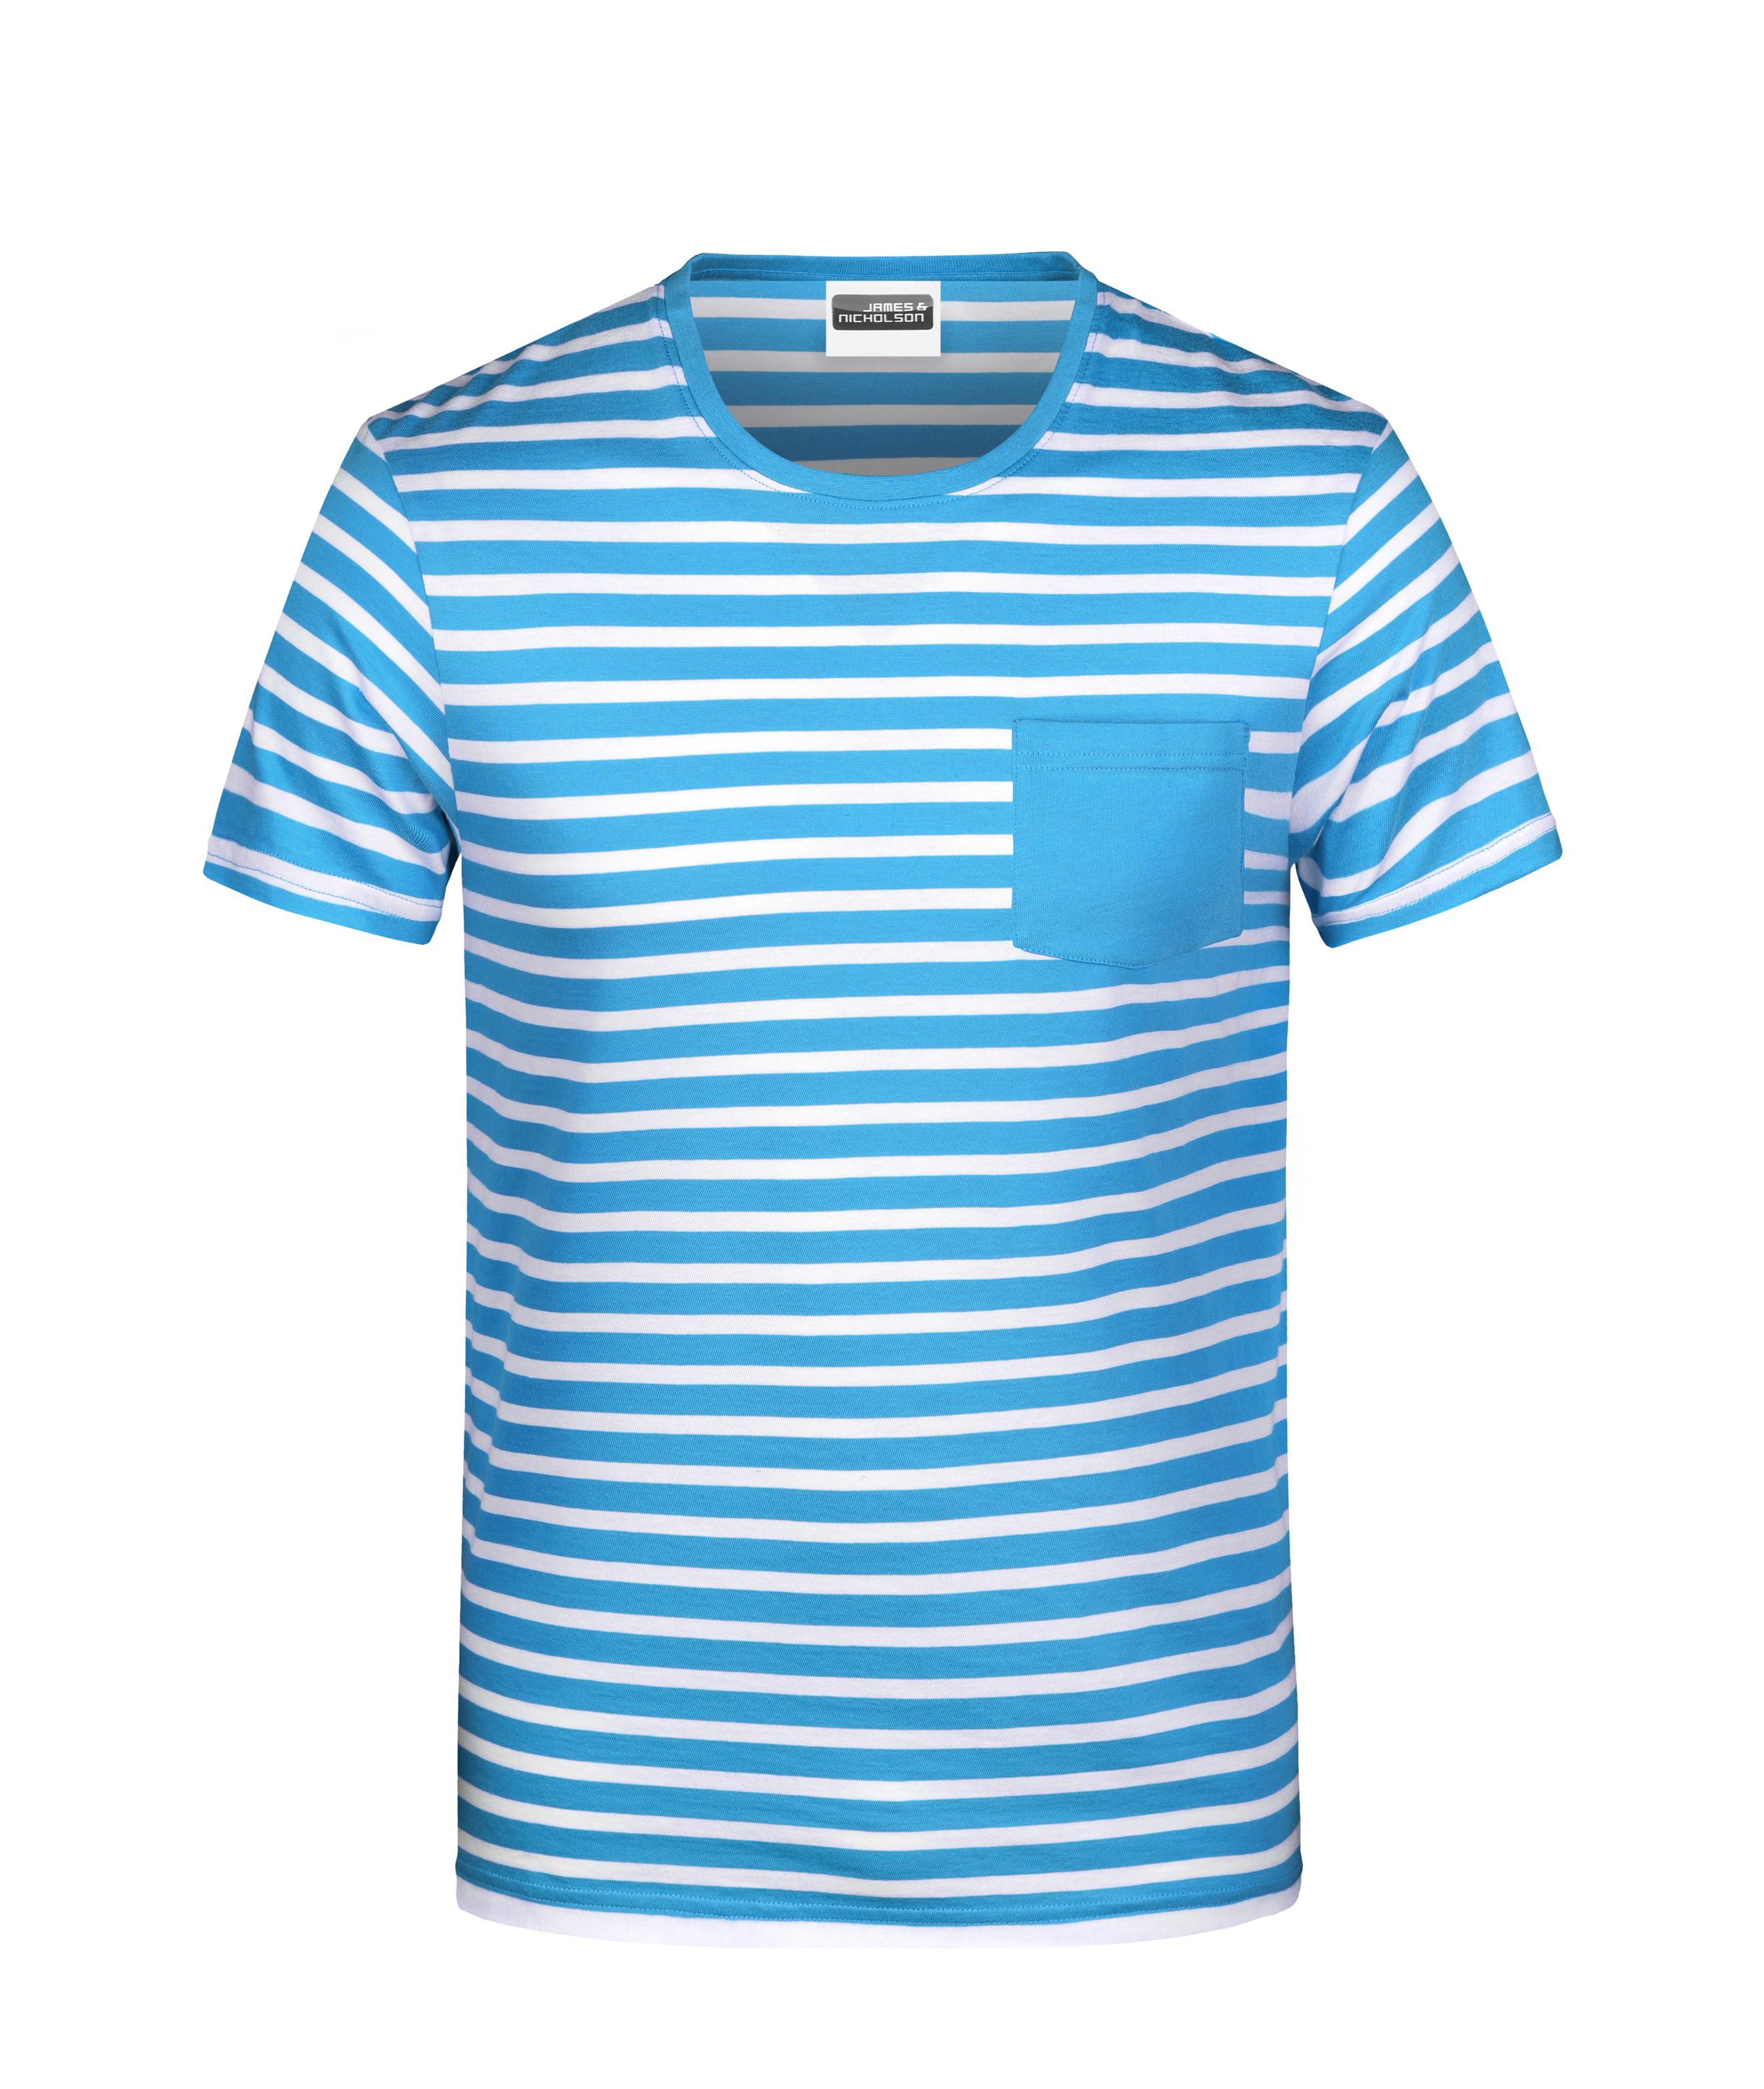 T-Shirt in maritimem Look mit Brusttasche